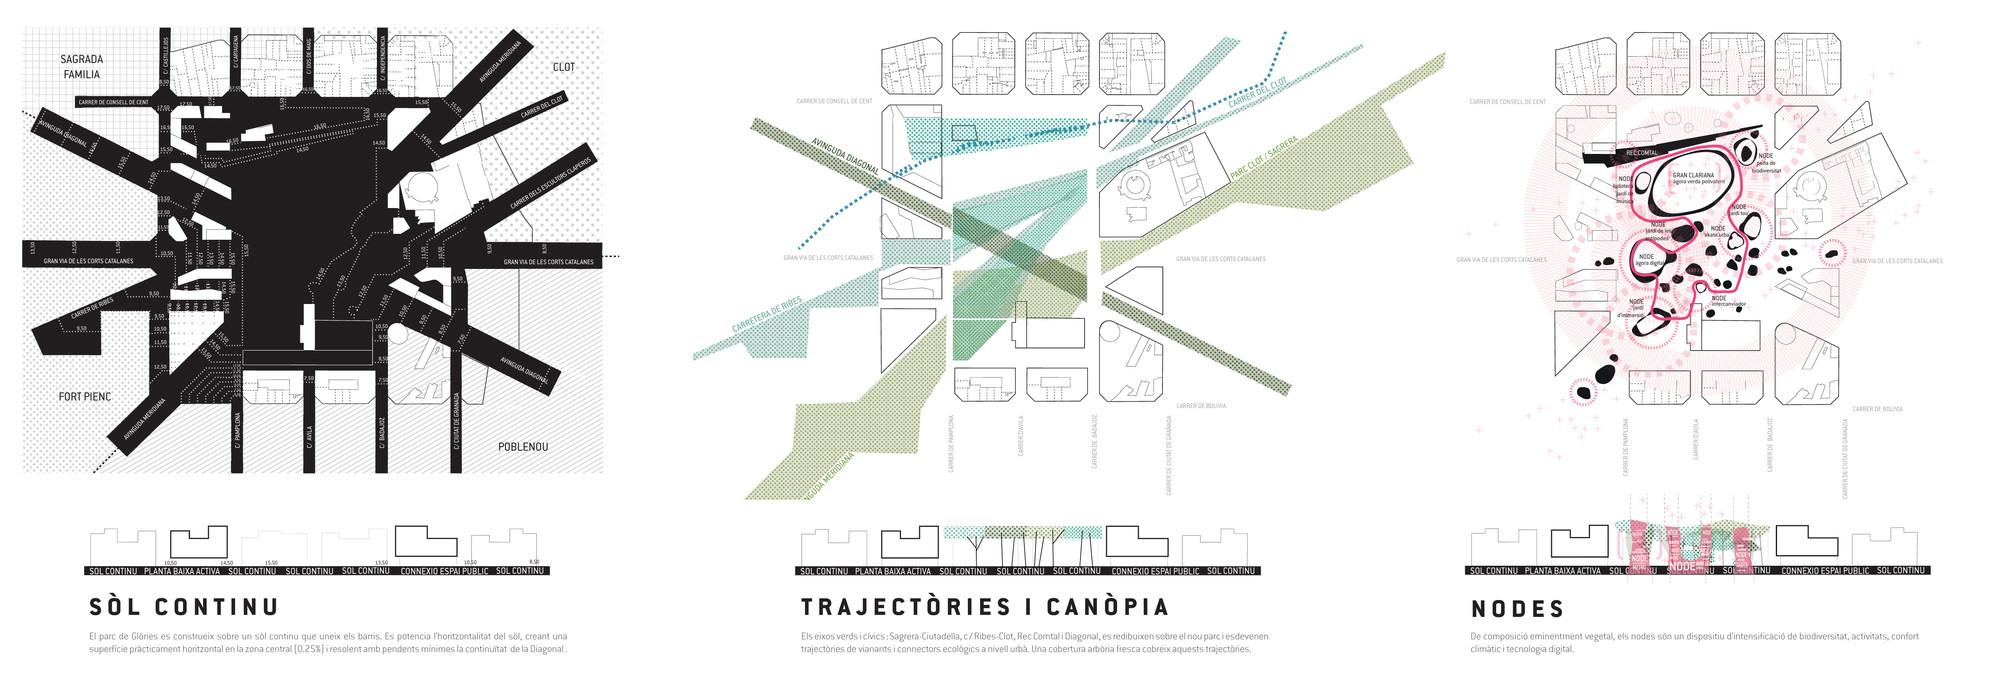 Conceptos. Image Courtesy of Agence Ter & Ana Coello